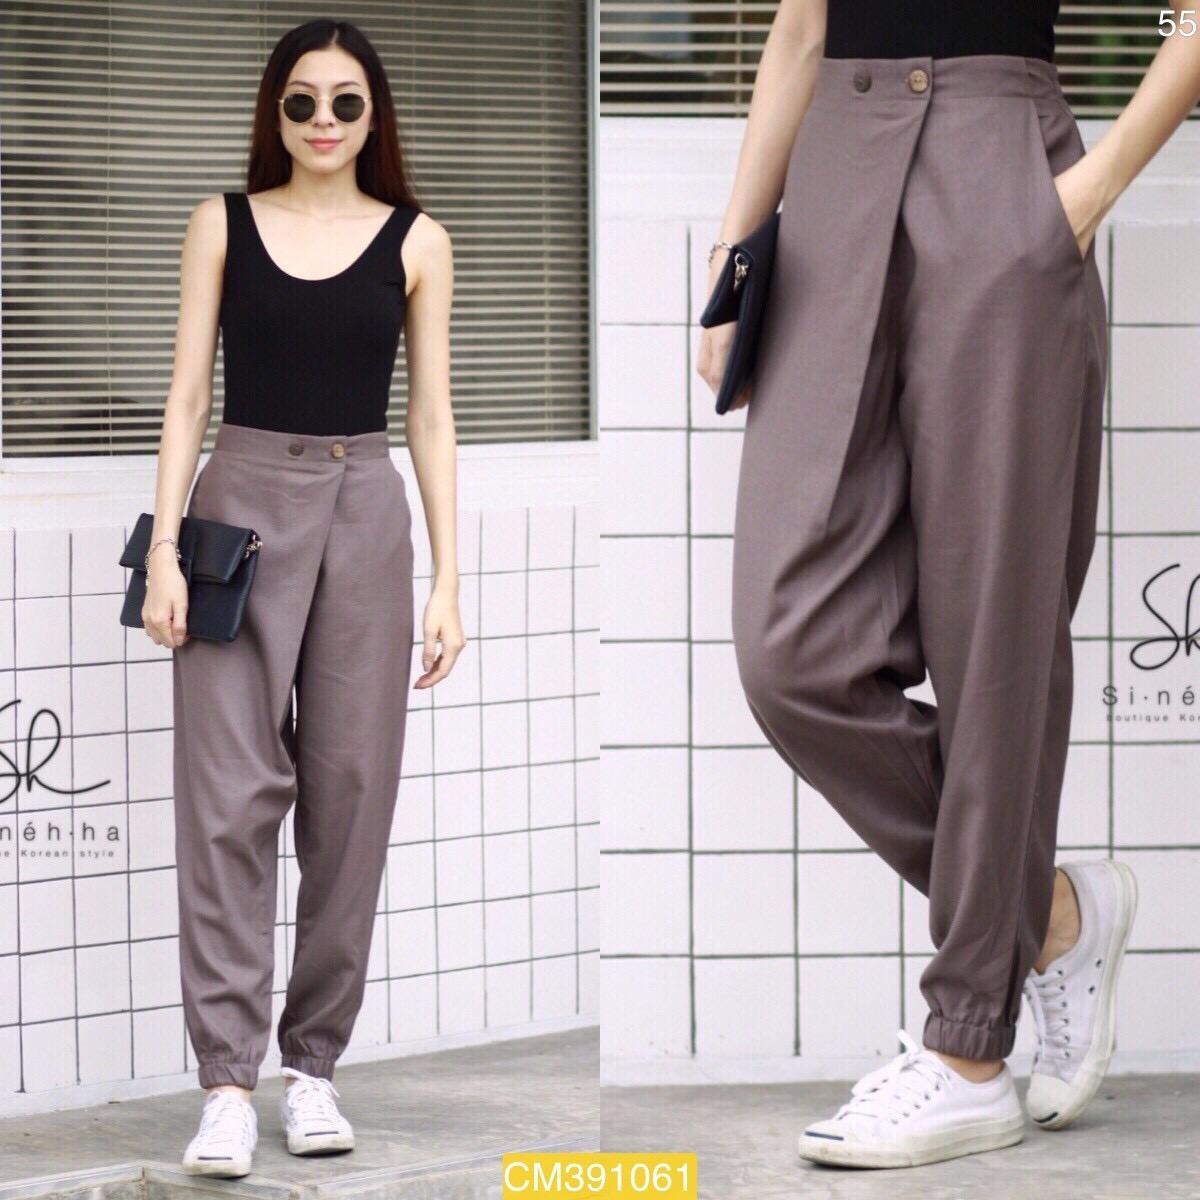 """CM1061 *สีเทา* เอว30-35"""" กางเกงผ้าฝ้ายรุ่นขายดี แนววินเทจ สำเนา"""